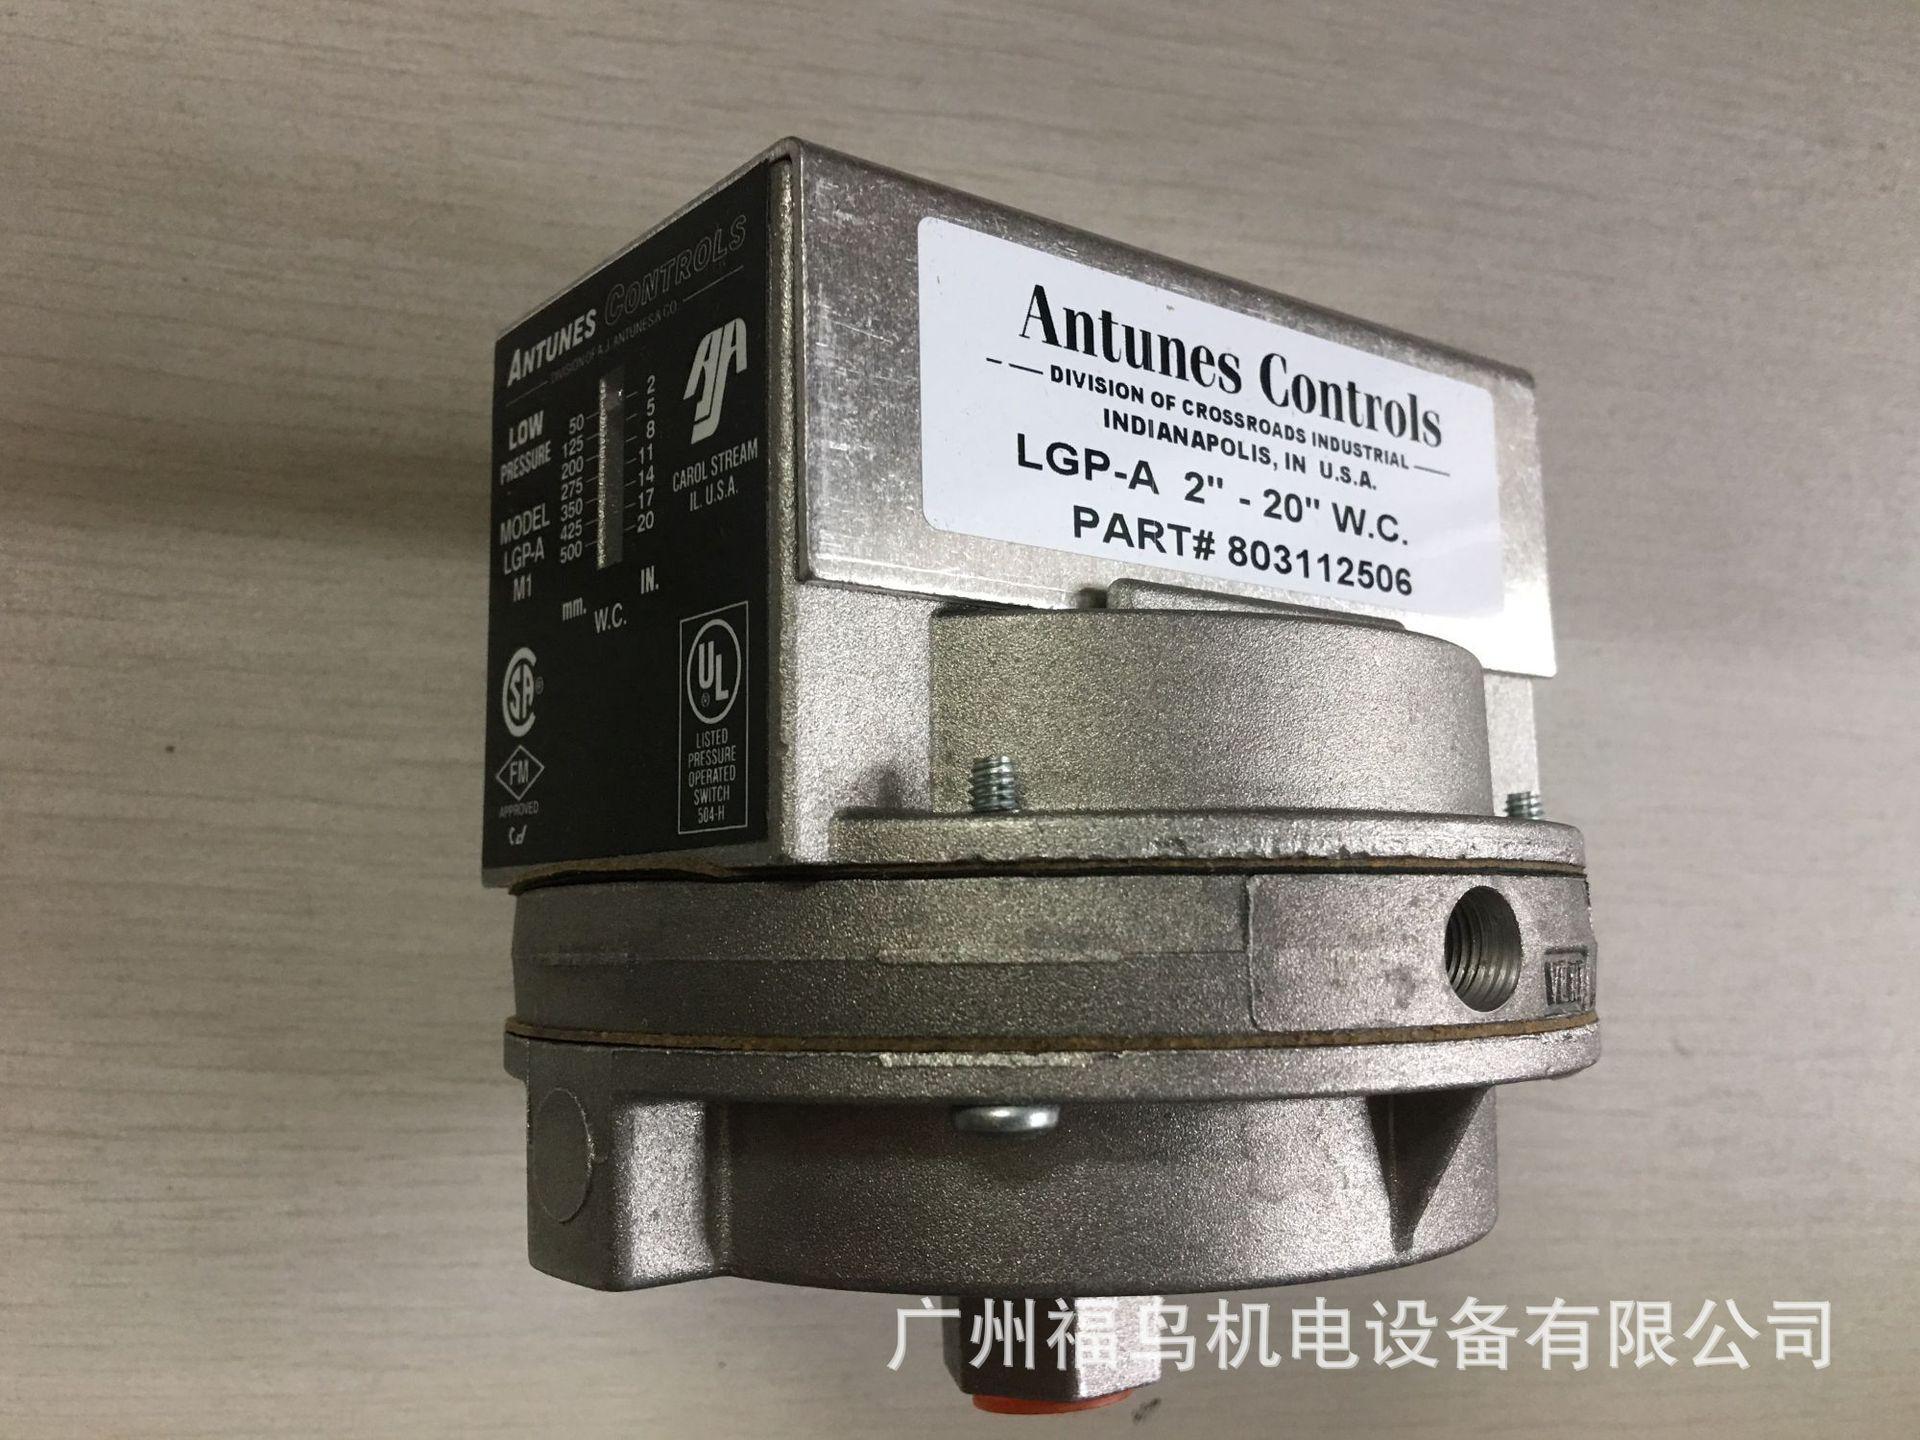 ANTUNES CONTROLS壓力開關, 型號: LGP-A 803112506